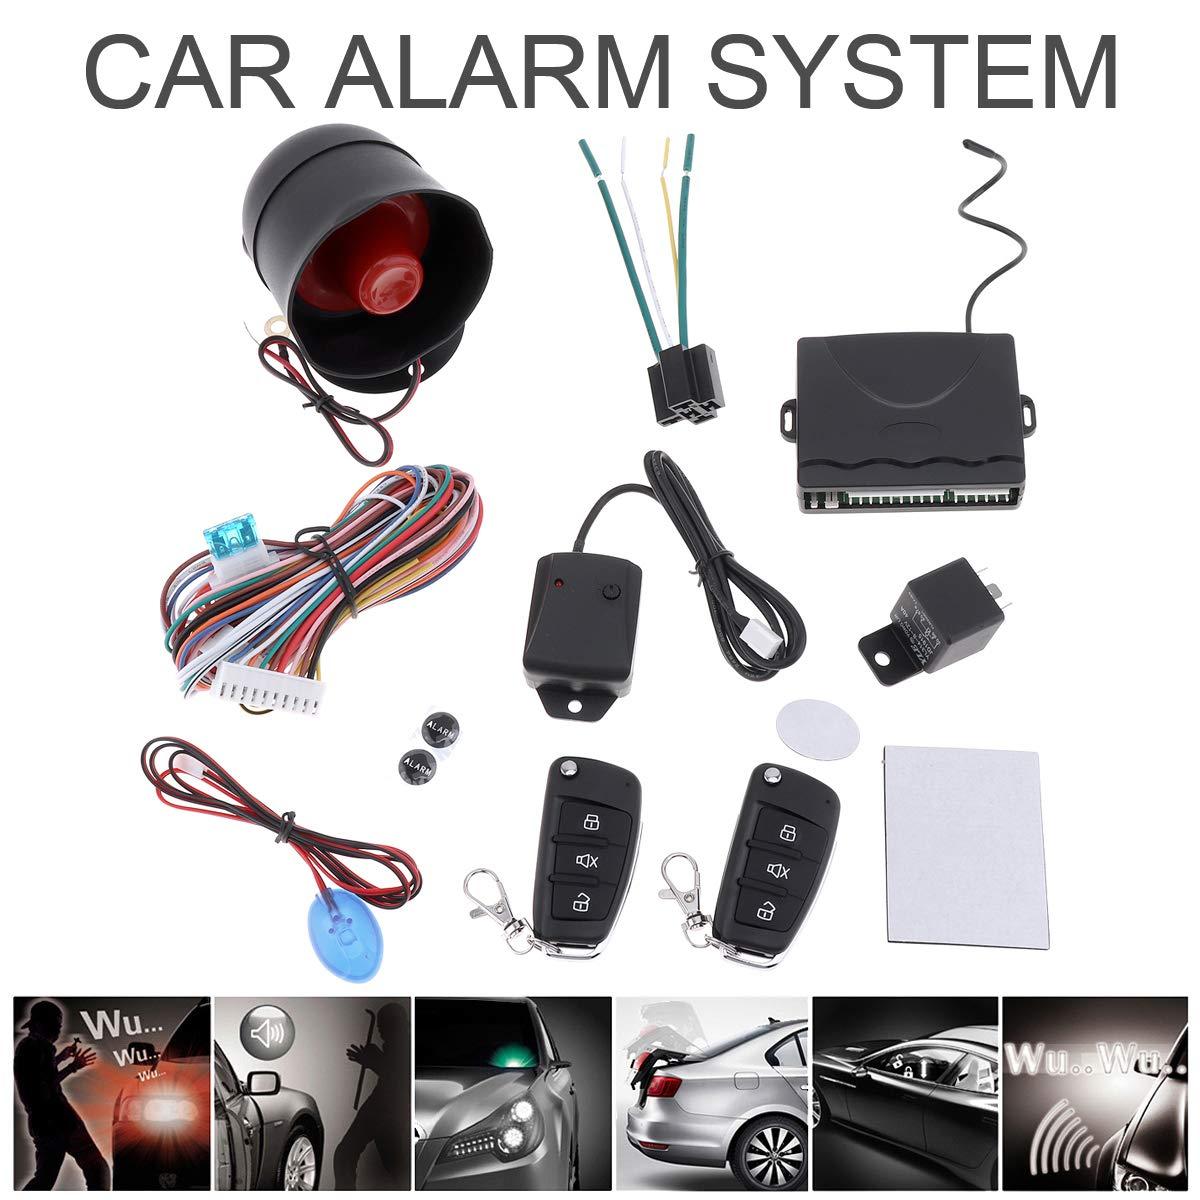 Universal 12V Auto Car Alarm Keyless Entry System Remote Control Siren Sensor ePathChina